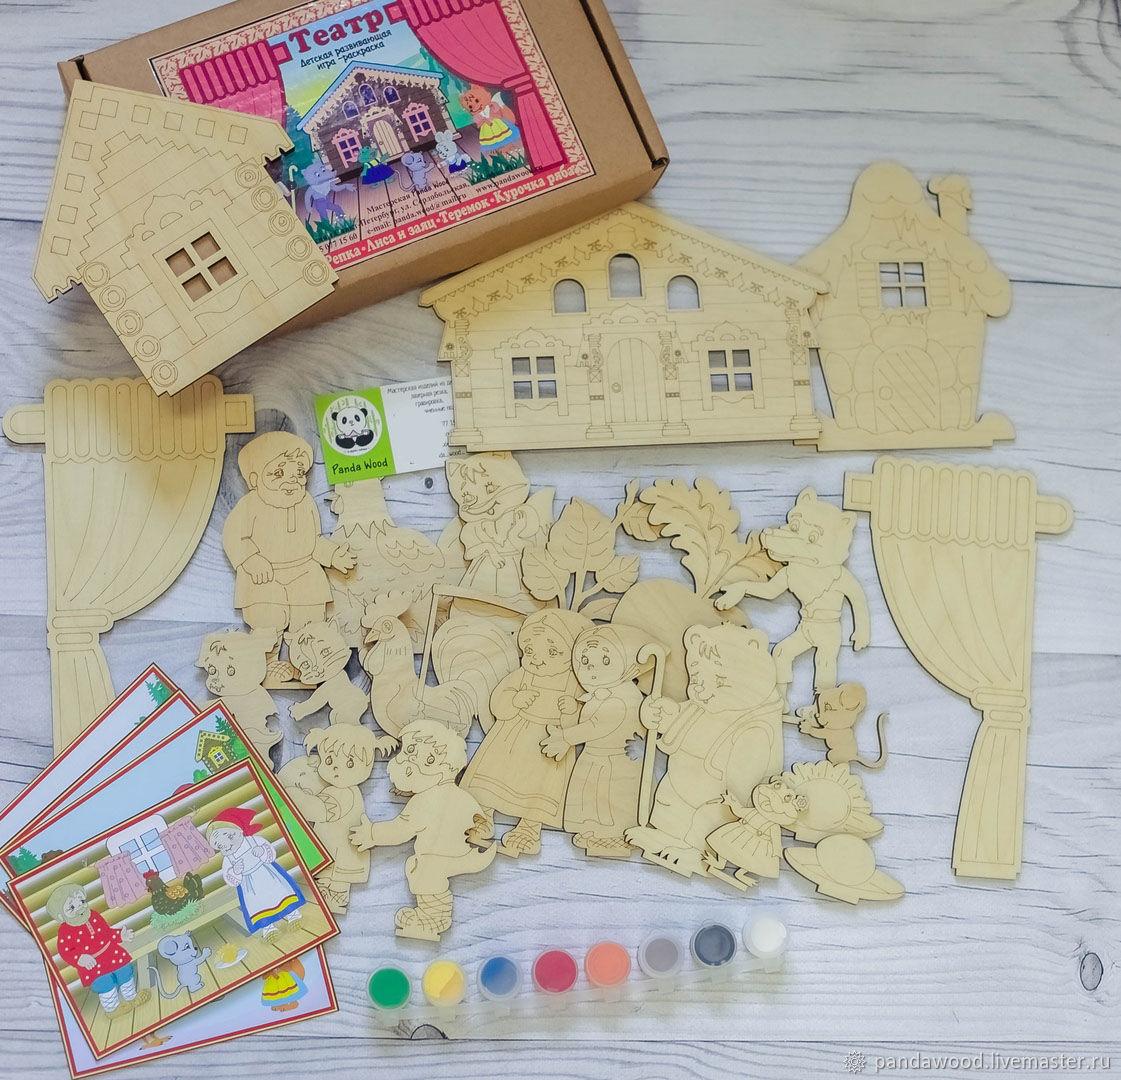 Развивающие игрушки ручной работы. Ярмарка Мастеров - ручная работа. Купить Детский набор-раскраска из дерева 'Театр' + кисточка и краска. Handmade.